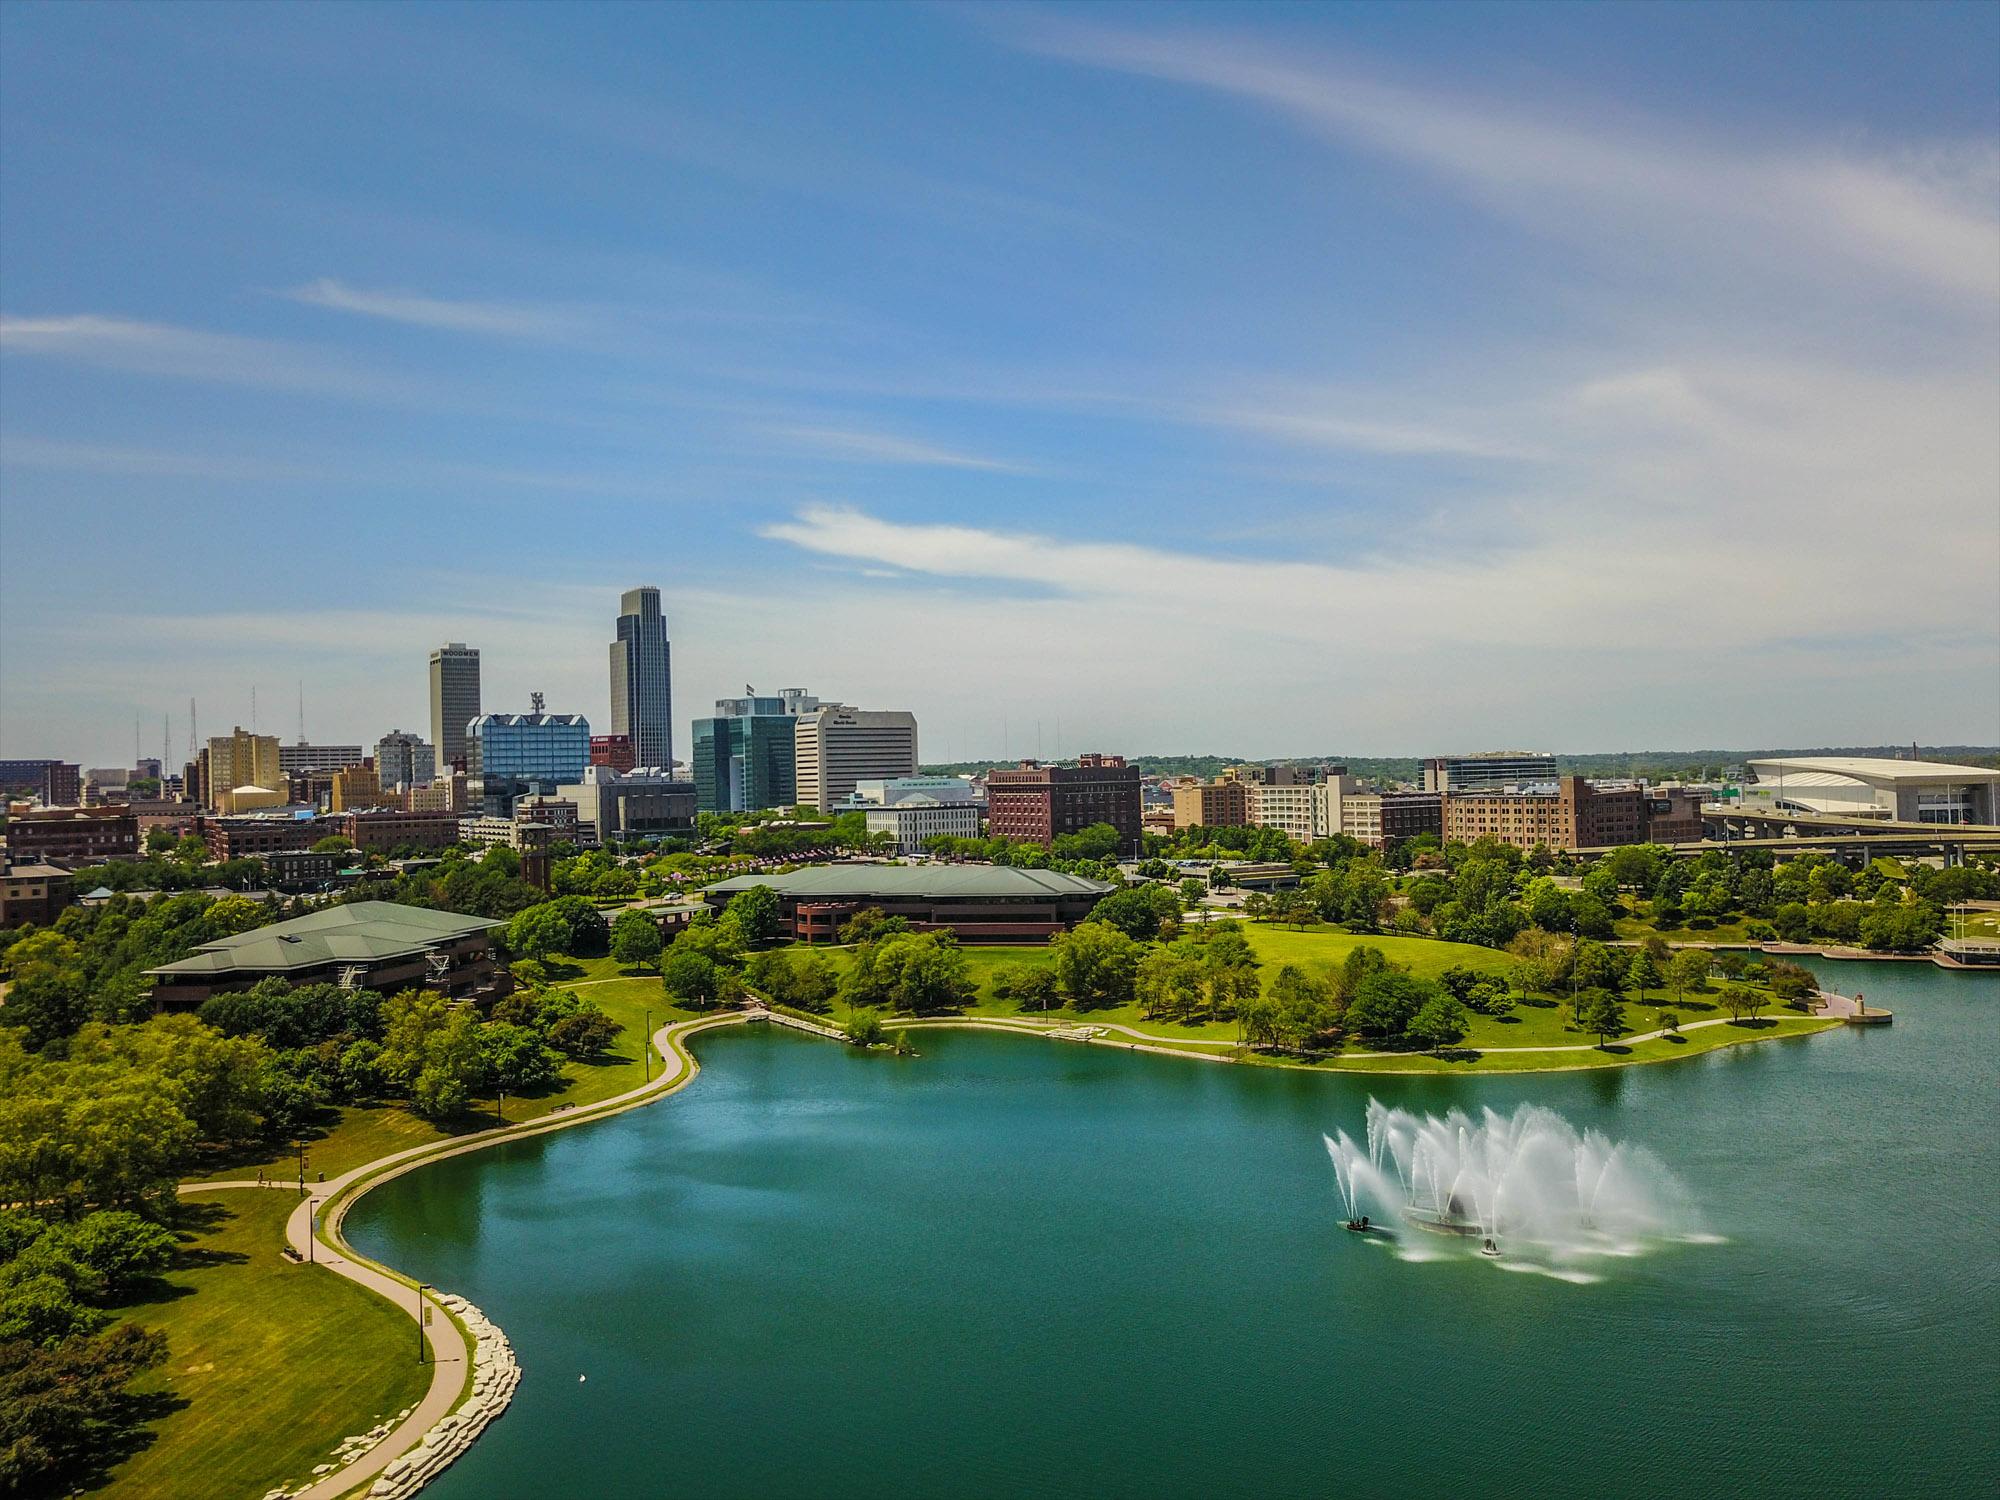 Omaha Heartland Park